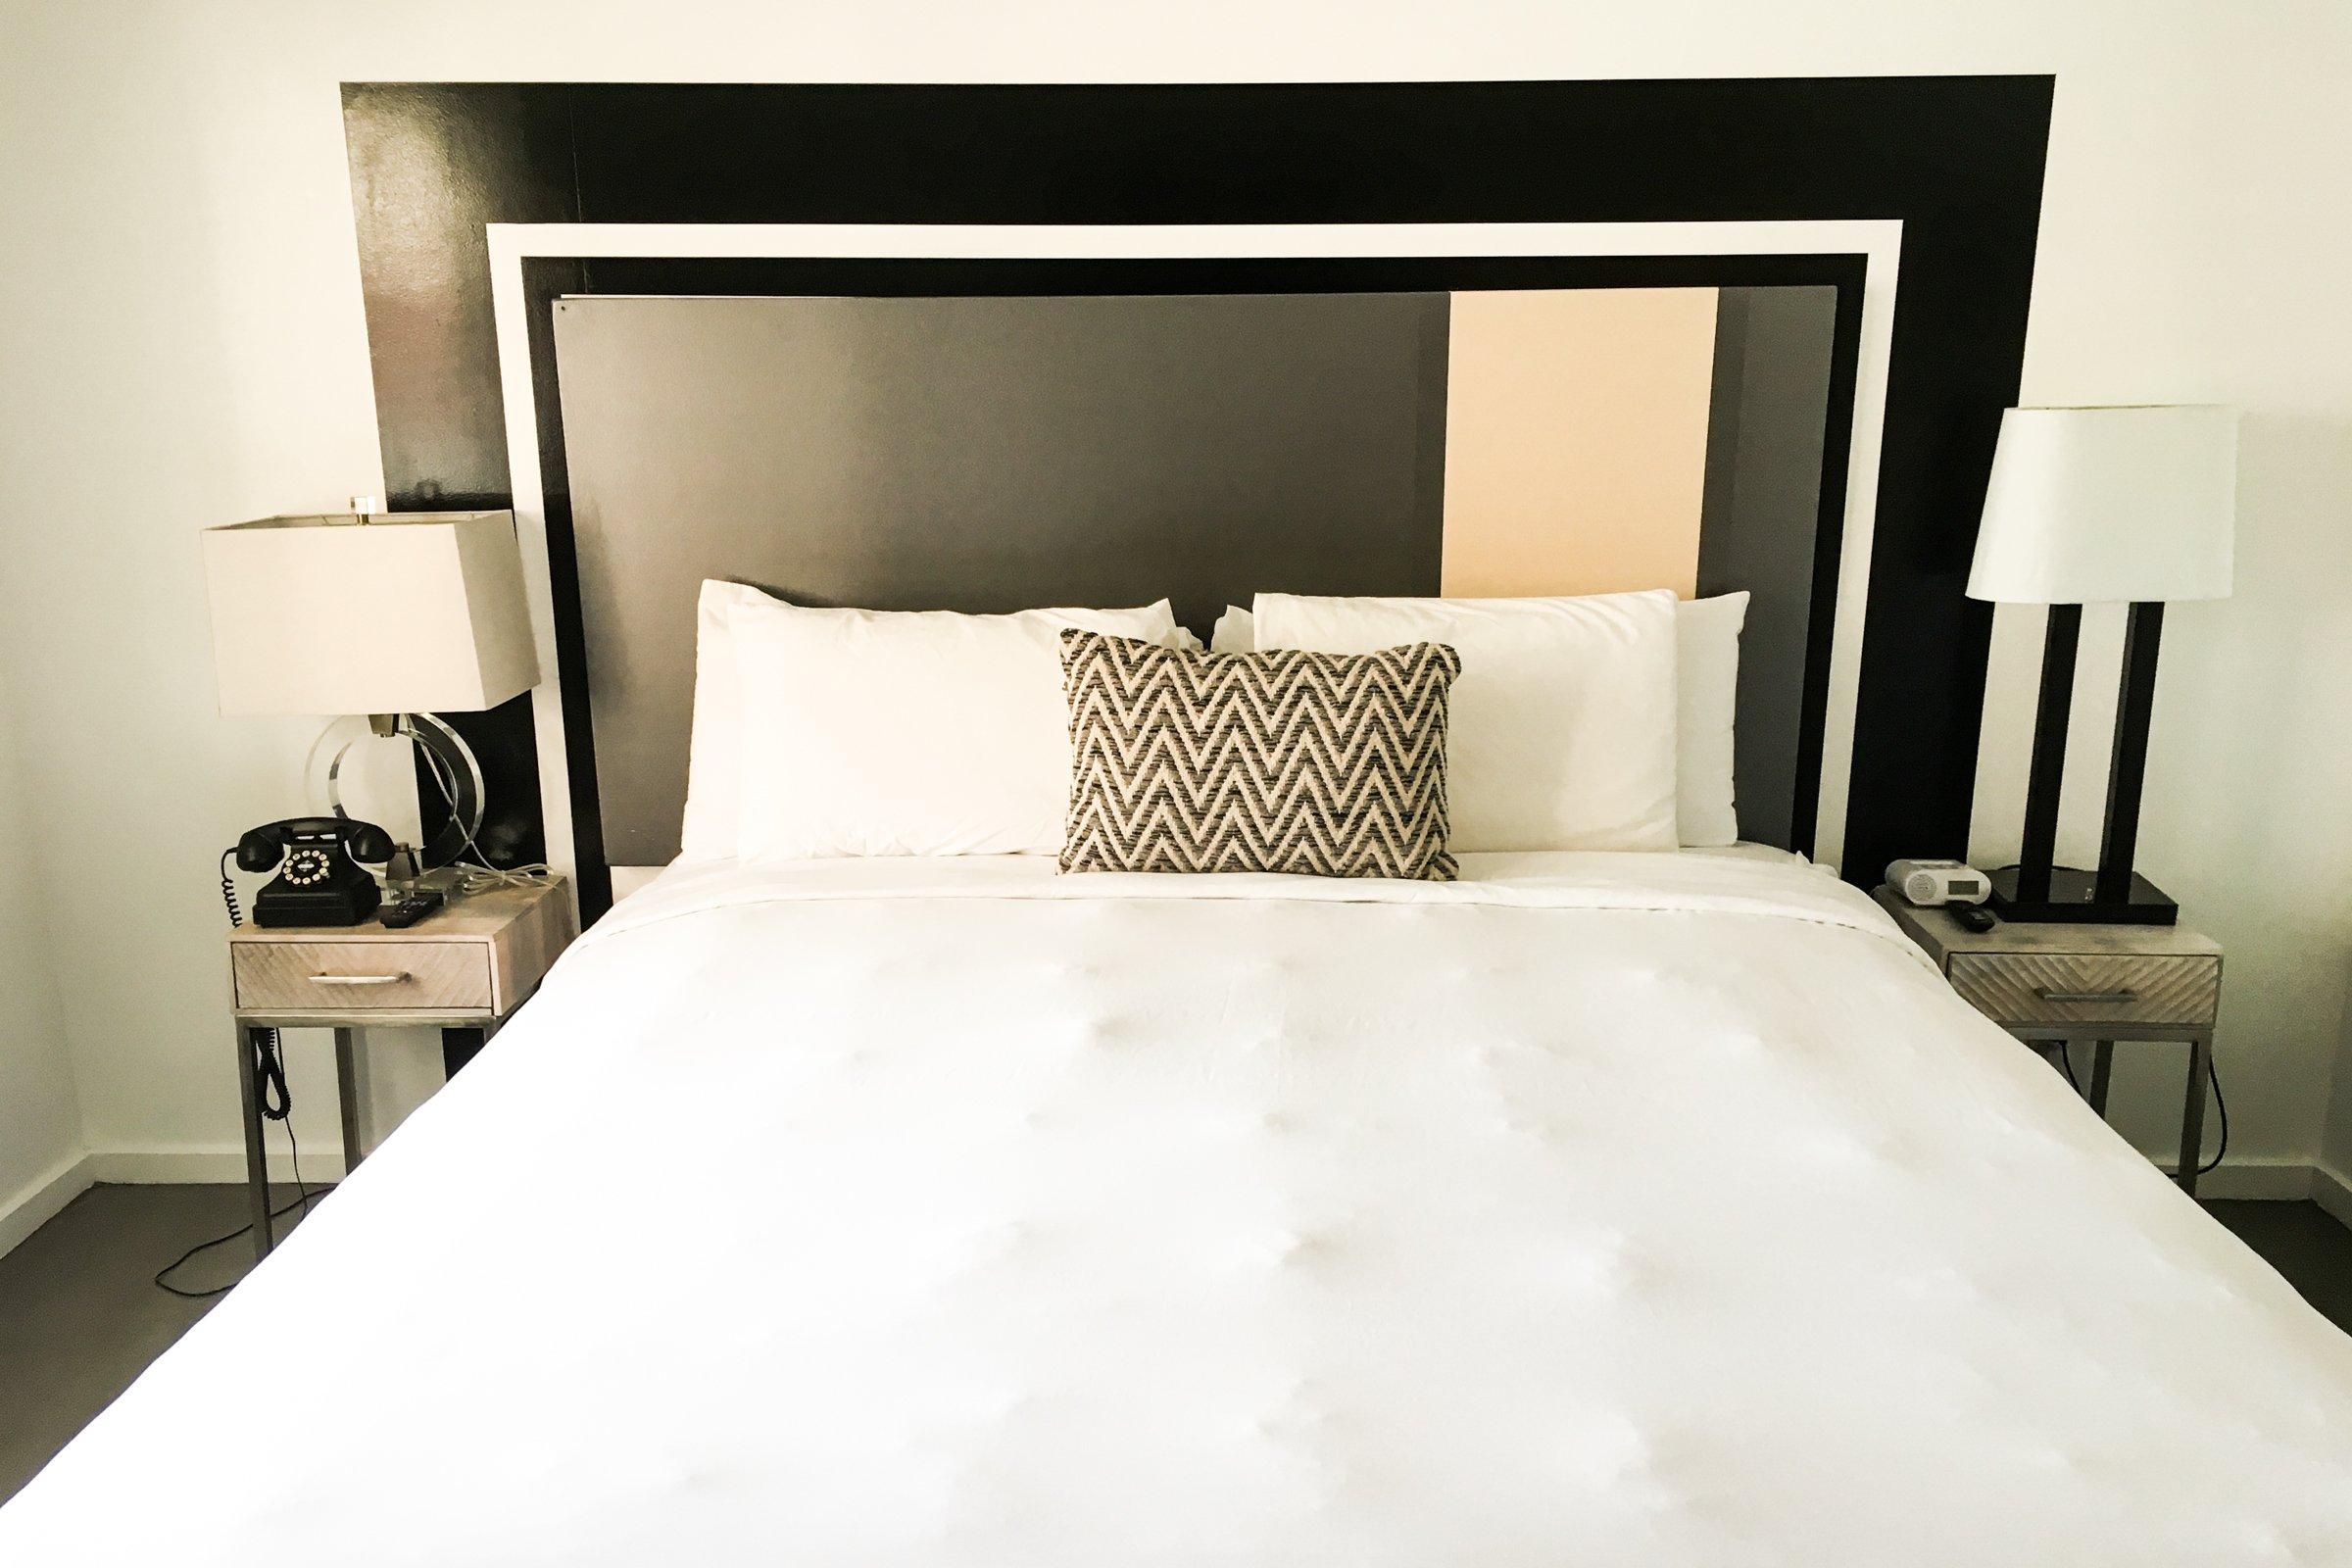 White Bed in Black & White Hotel Bedroom